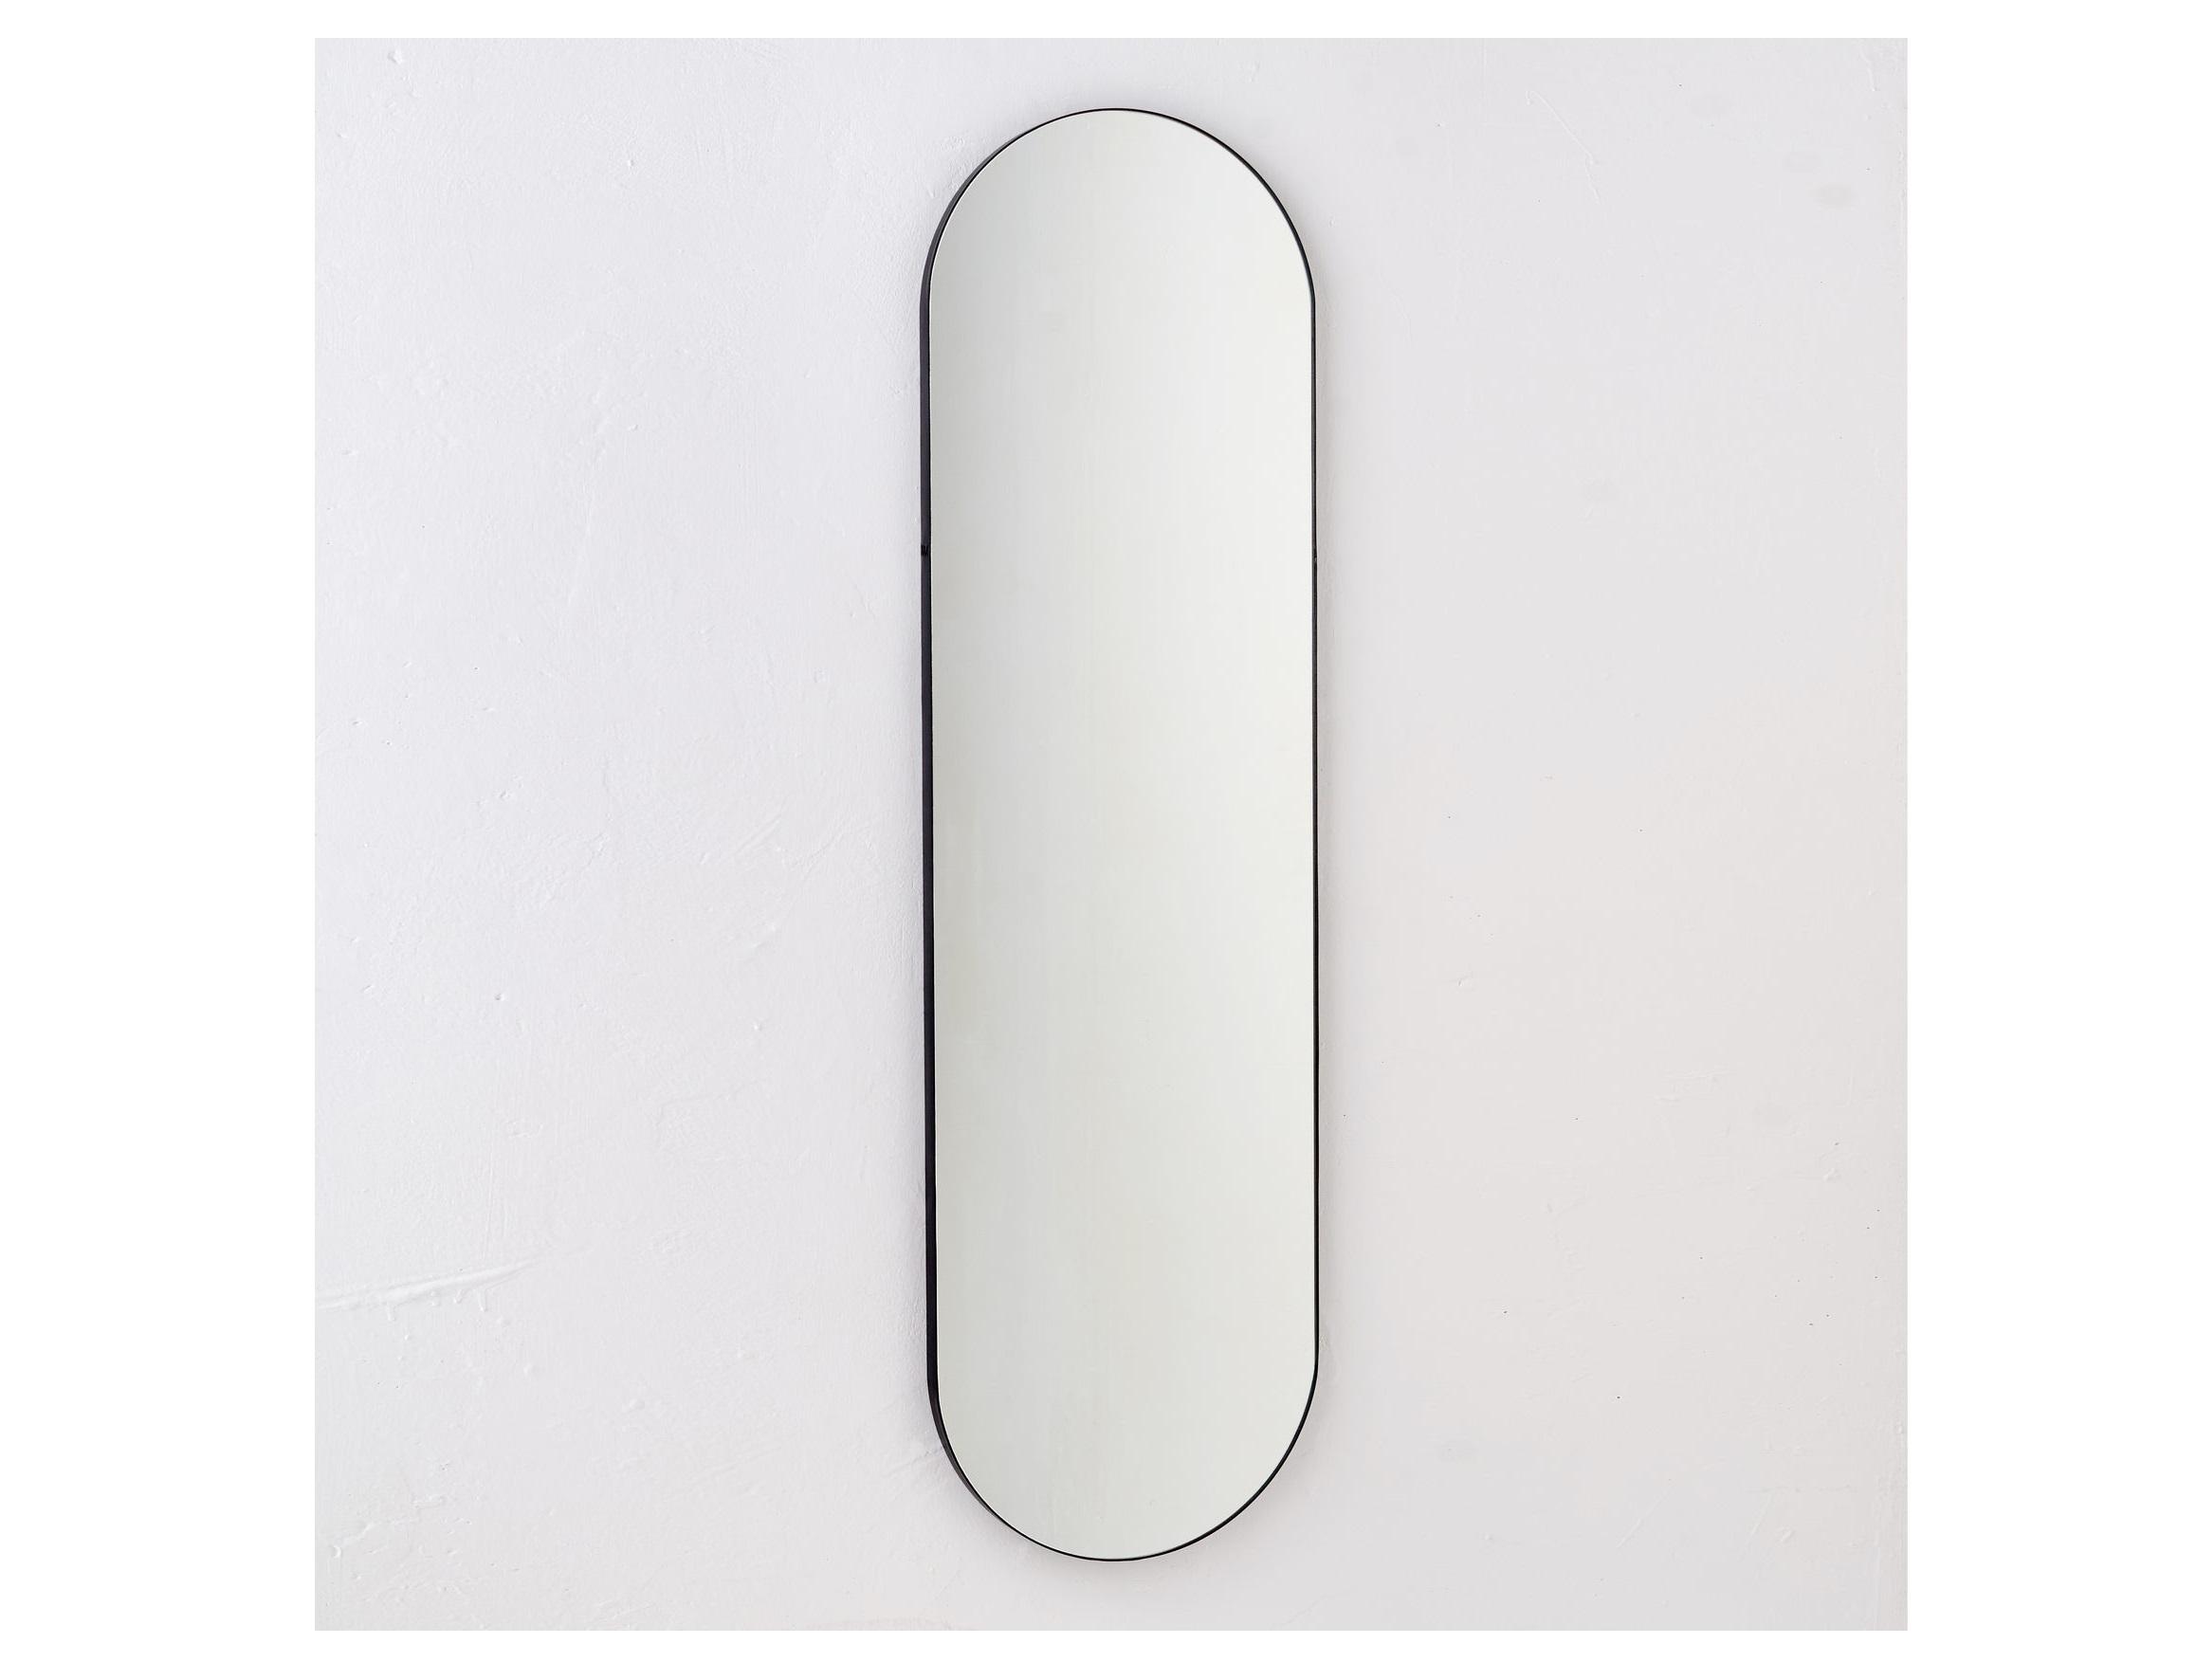 Овальное зеркало в полный рост banska ippo (banska) черный 40x140x3 см.